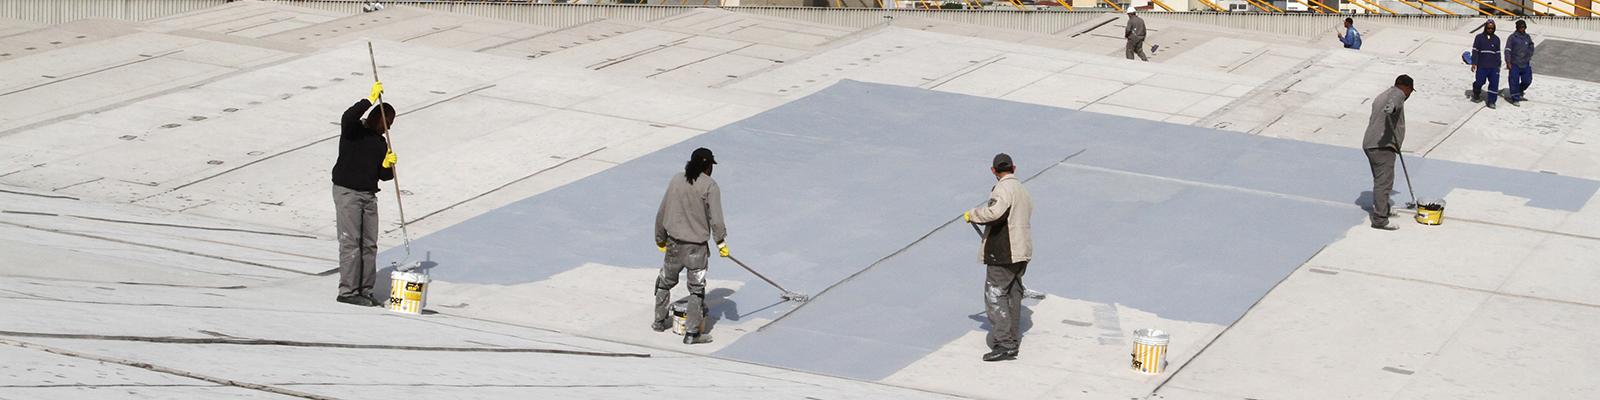 Pavilhão impermeabilização do telhado - São Paulo (SP) - 09.06.2016 - Geral - Pavilhão impermeabilização do telhado - Funcionários trabalham na limpeza para aplicação de impermeabilização do telhado do Pavilhão das Convenções do Anhembi. Foto: Jose Cordeiro/SPTuris